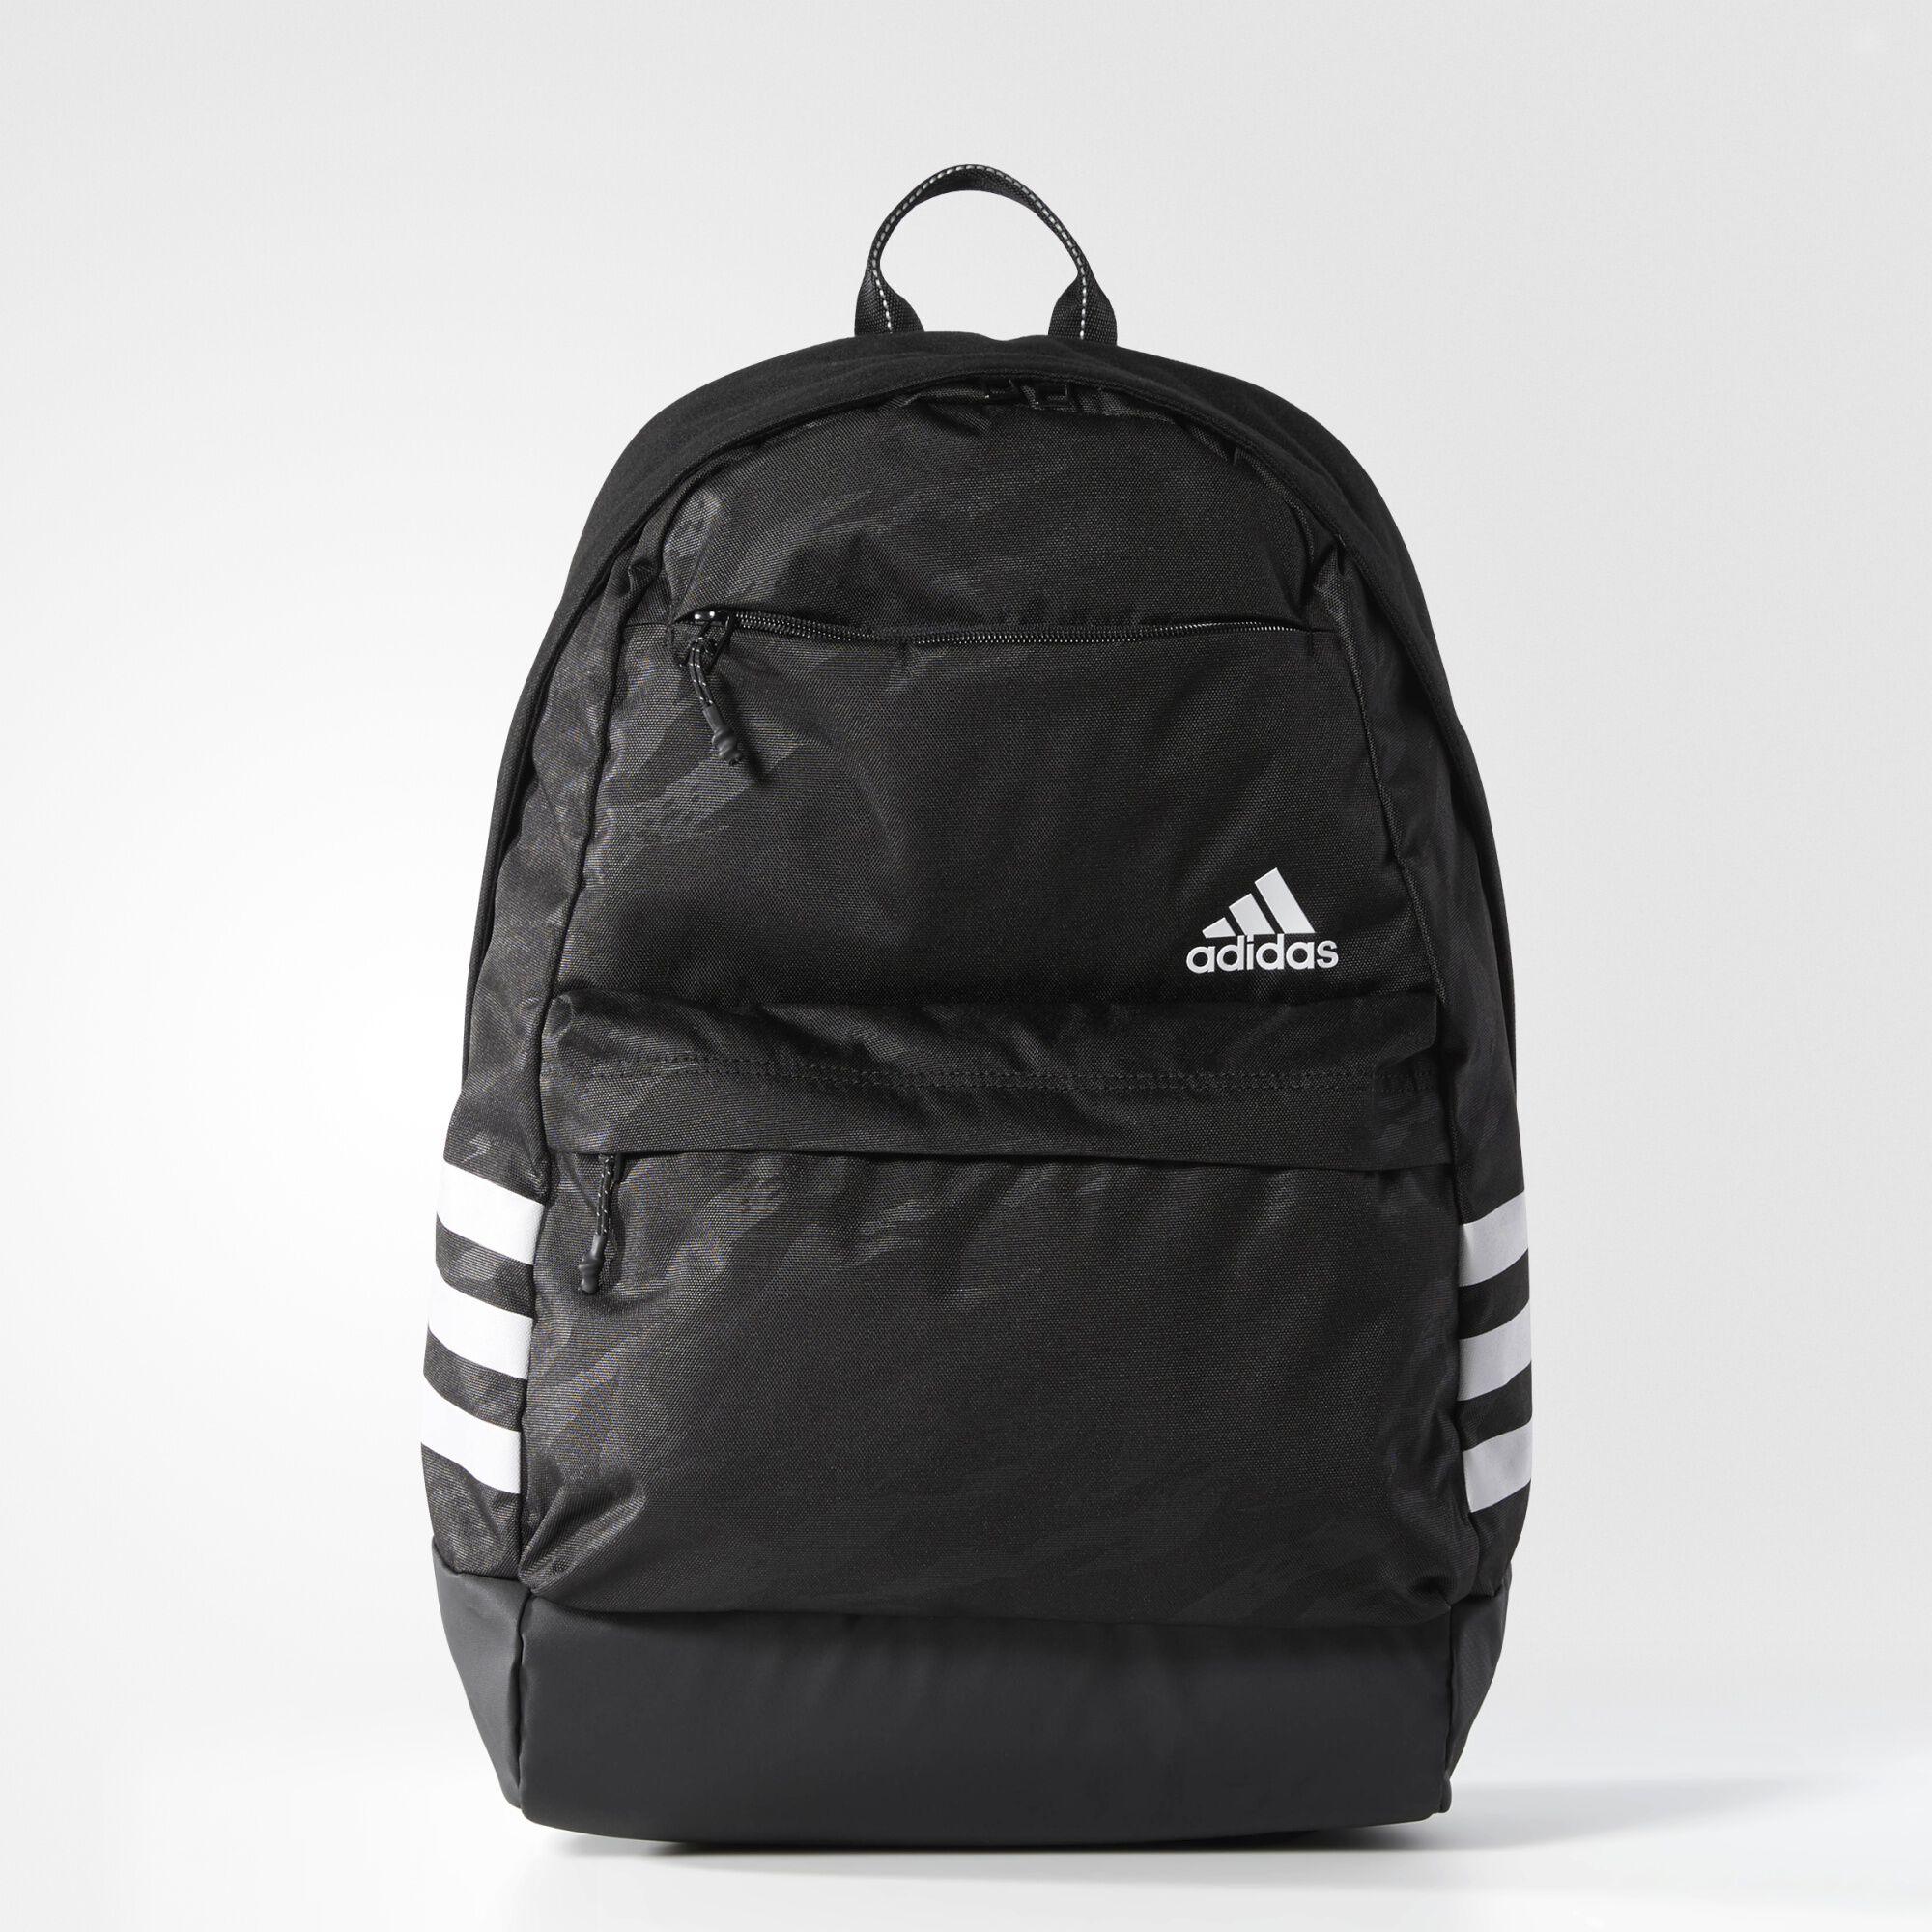 mens bags backpacks duffle bags more adidas us